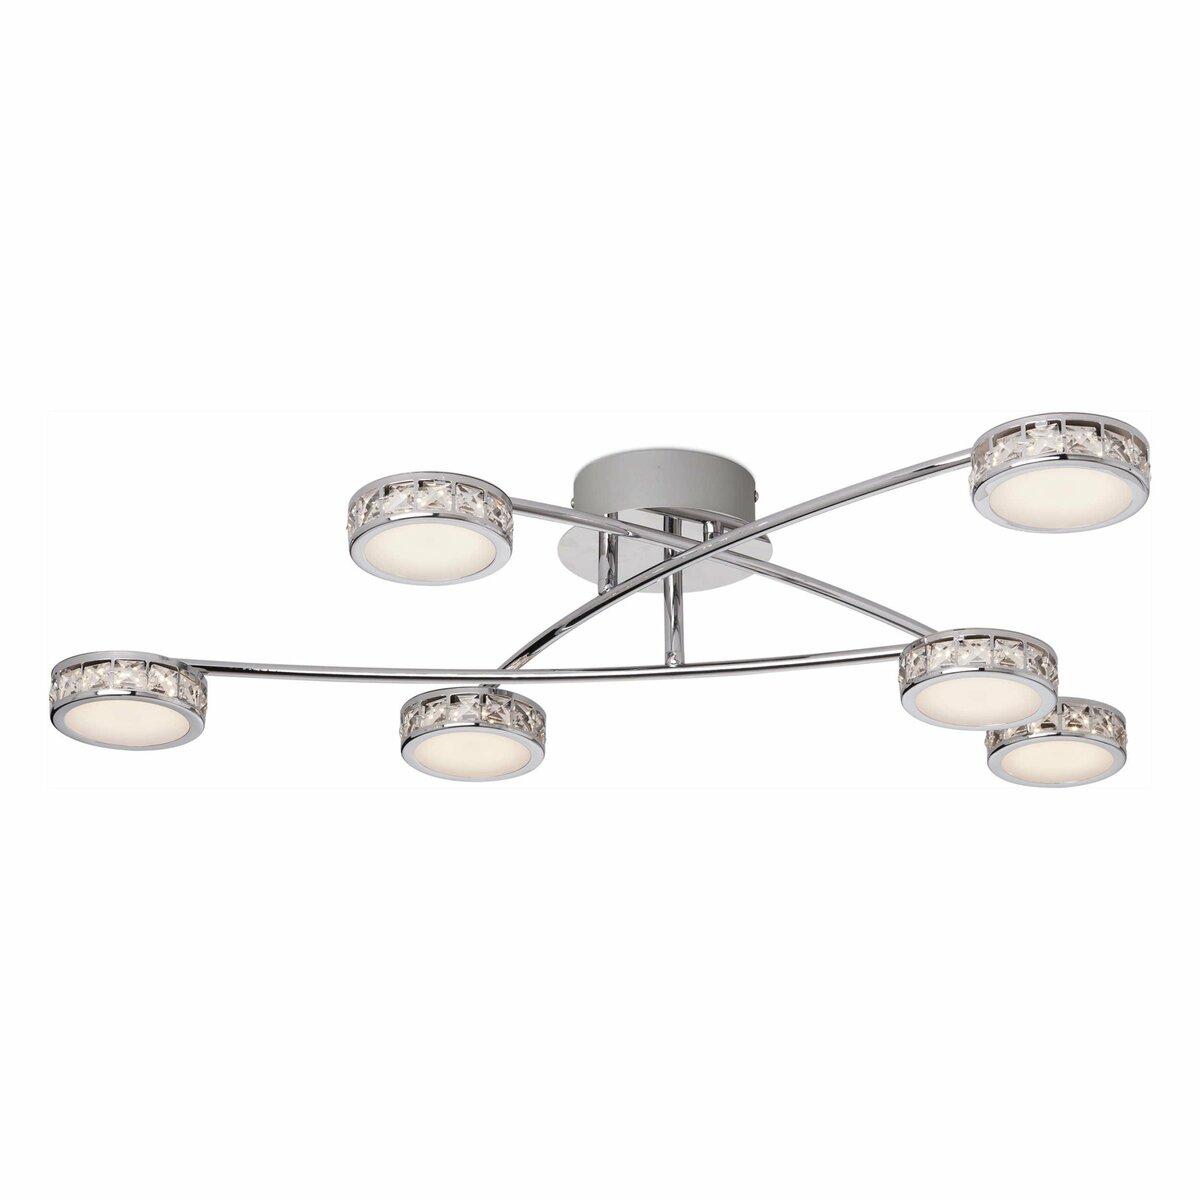 Bild 2 von DesignLive LED-Deckenleuchte   Perico